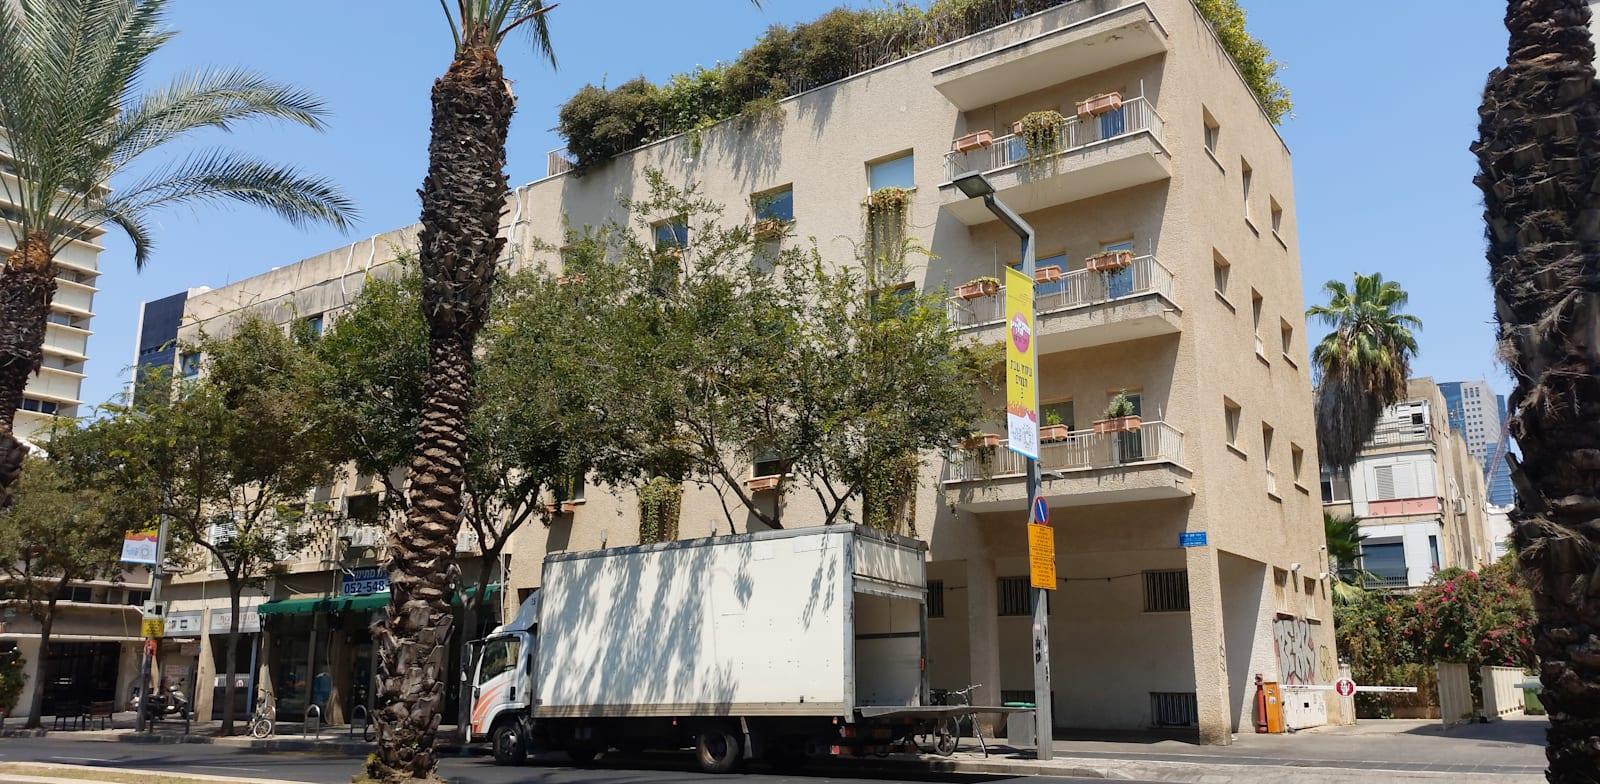 רחוב אבן גבירול בתל אביב. המשקיעים ממקדים את עיקר הרכישות שלהם בערים הגדולות / צילום: איל יצהר